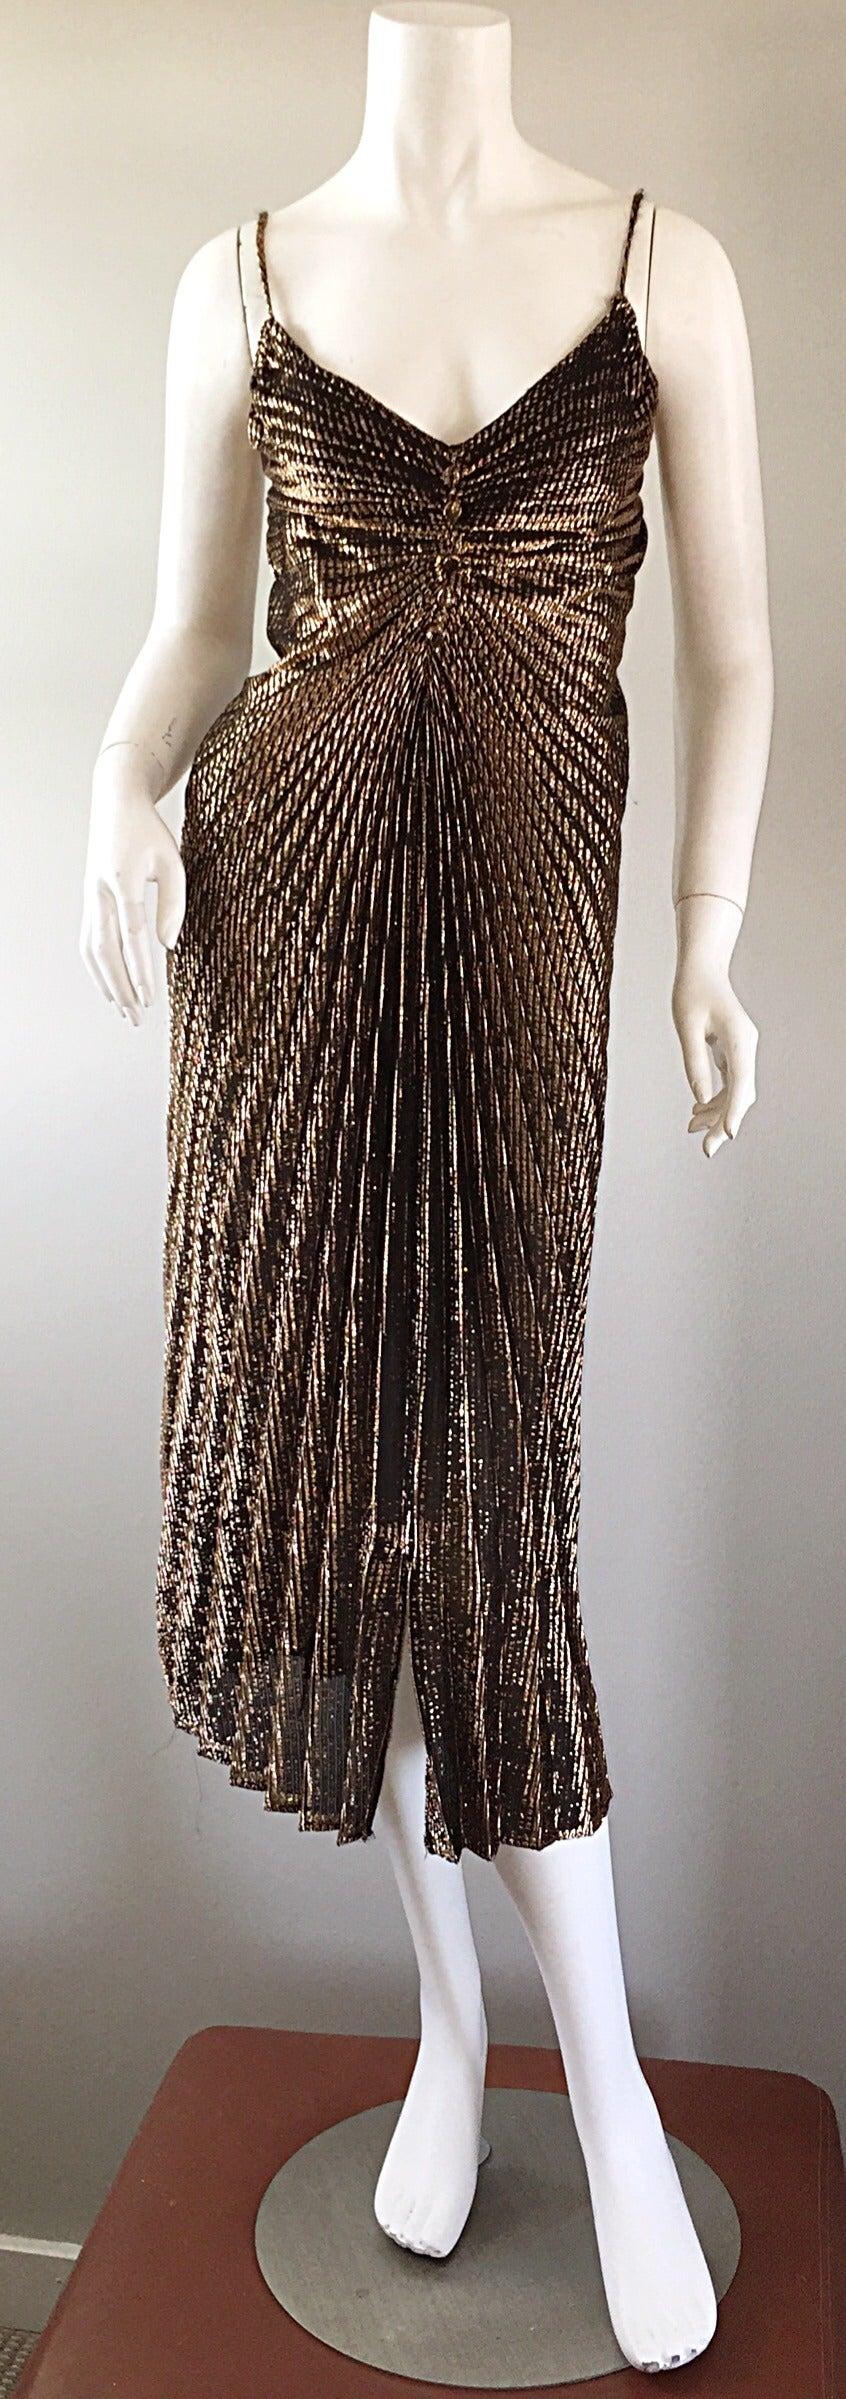 1970s 70s metallic bronze pleated vintage disco dress